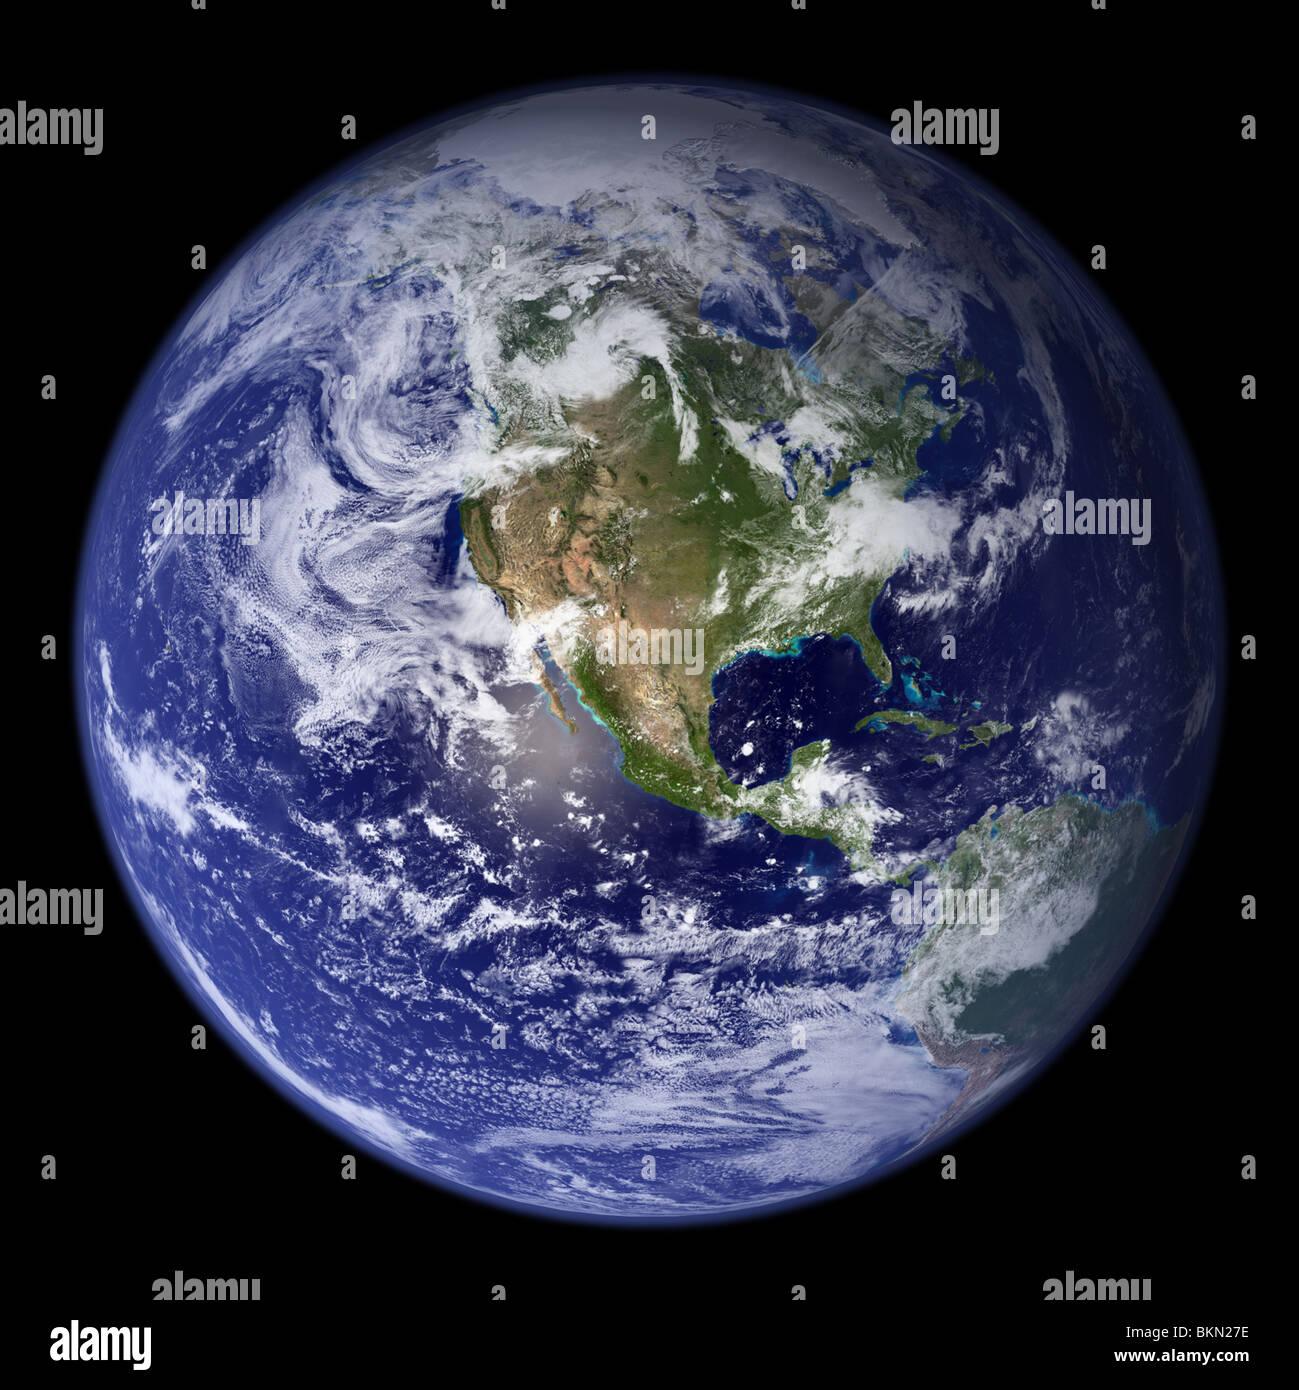 La Terra vista dallo spazio, con l'america del nord visibile. Immagini Stock